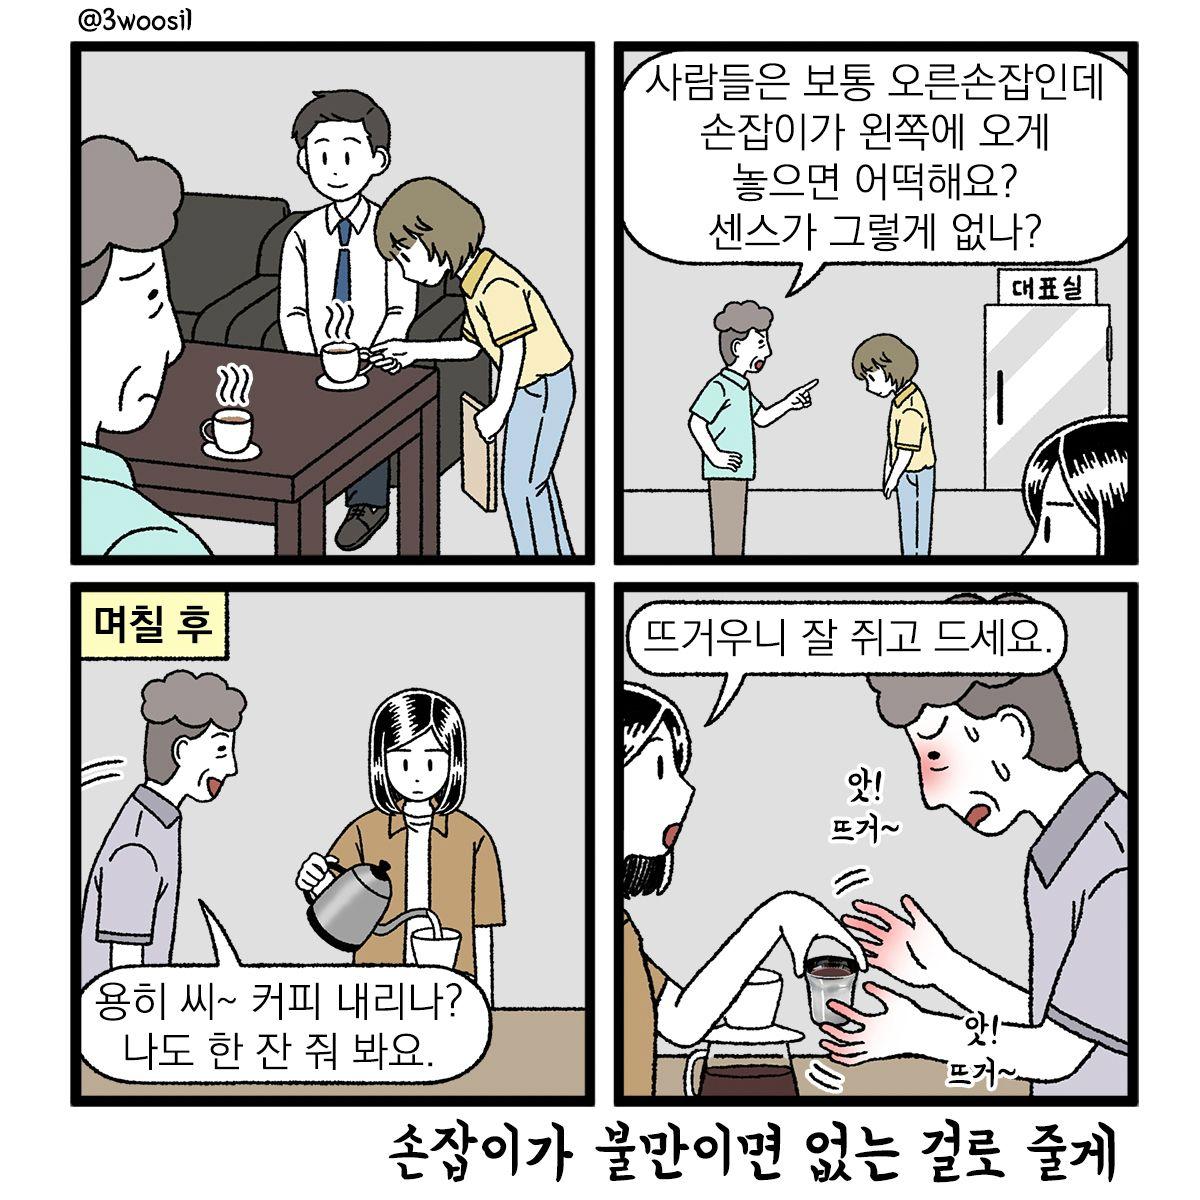 [직장만화] 삼우실 한컷: 손잡이